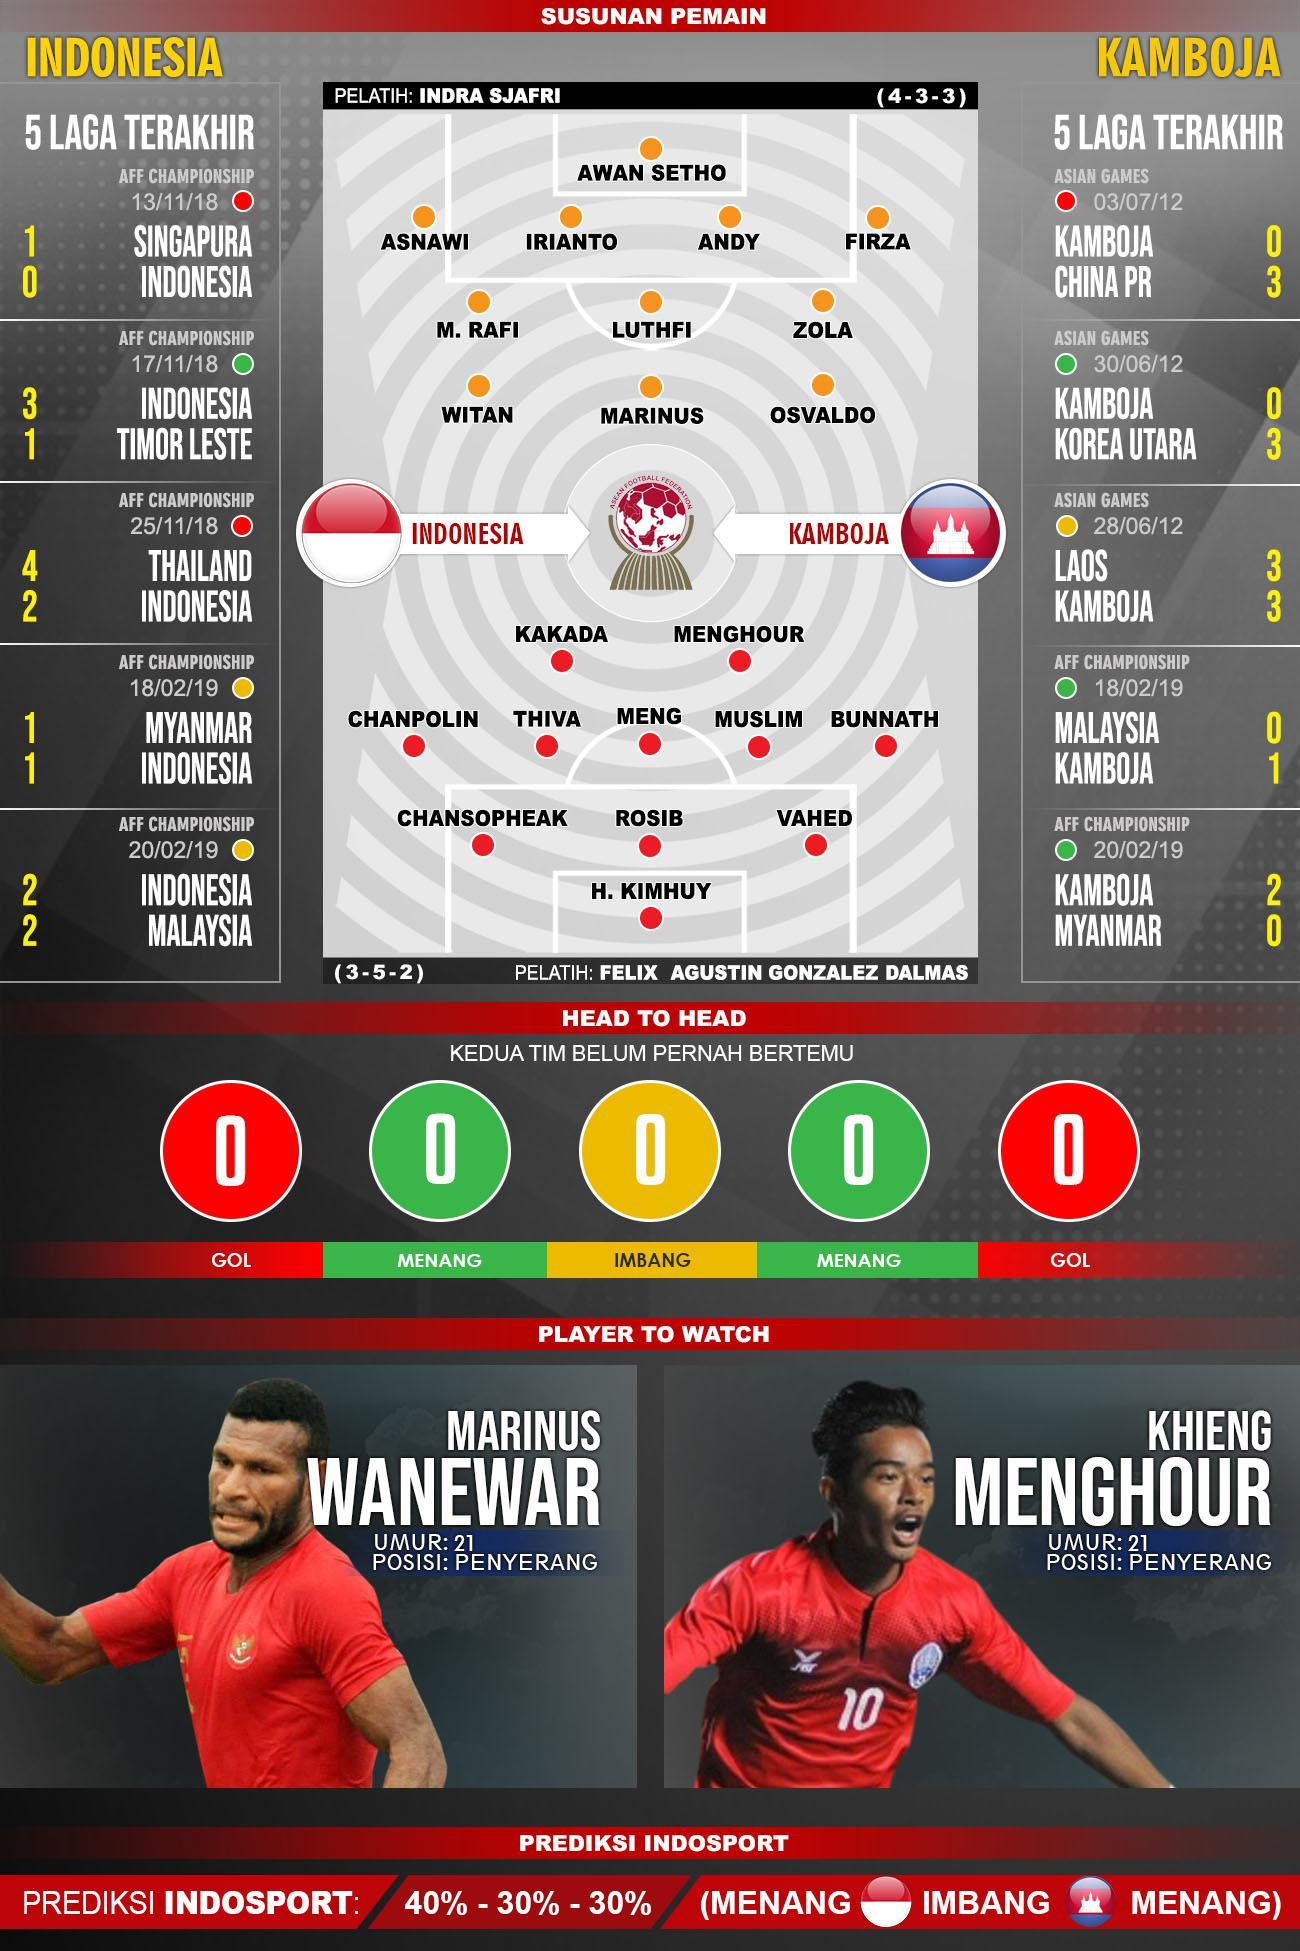 Lima laga terakhir dan susunan pemain Indonesia vs Kamboja Copyright: INDOSPORT